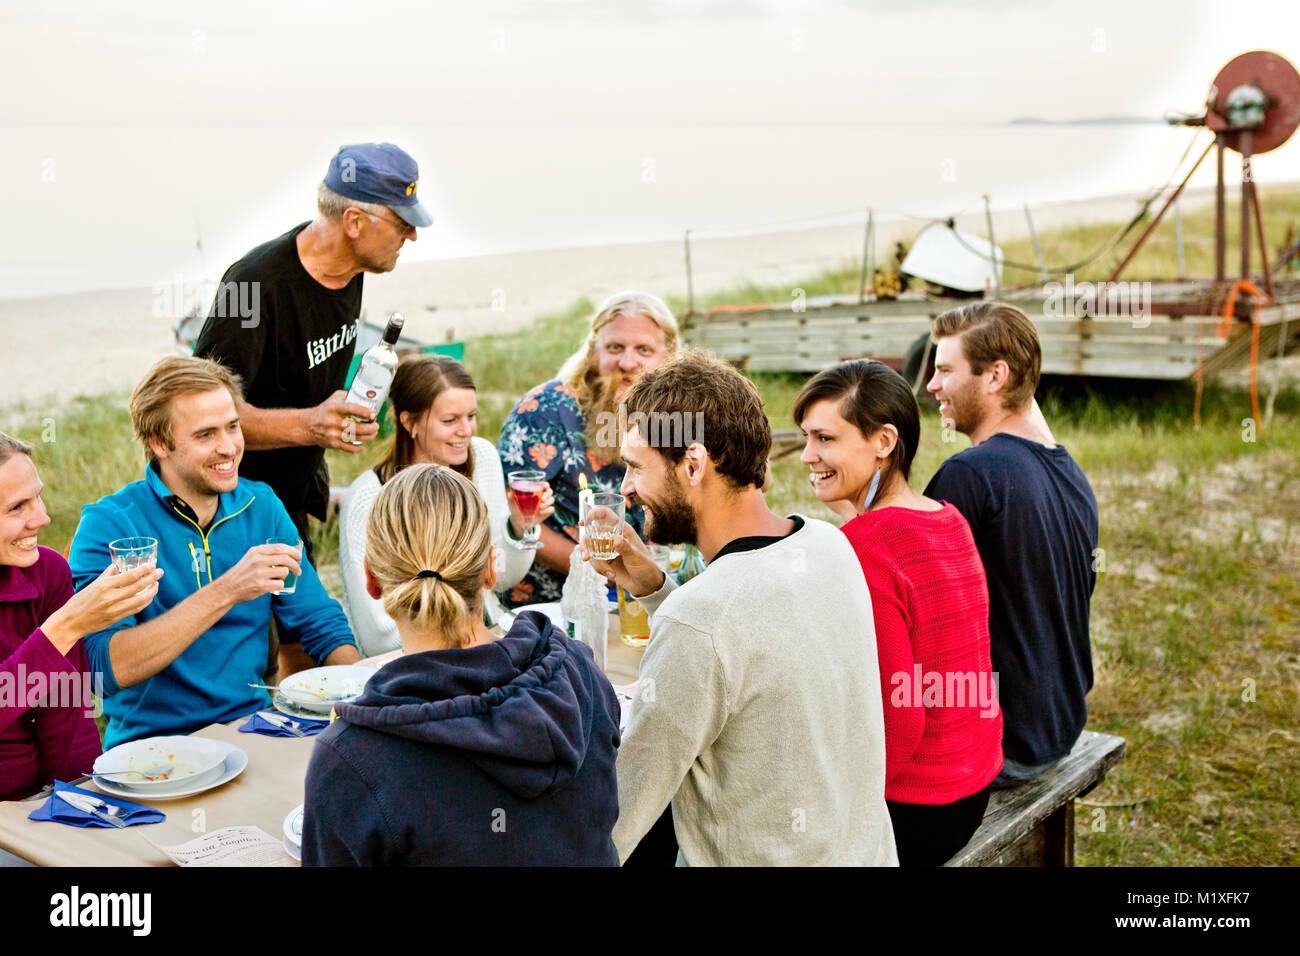 Family eating together in Friseboda, Sweden - Stock Image